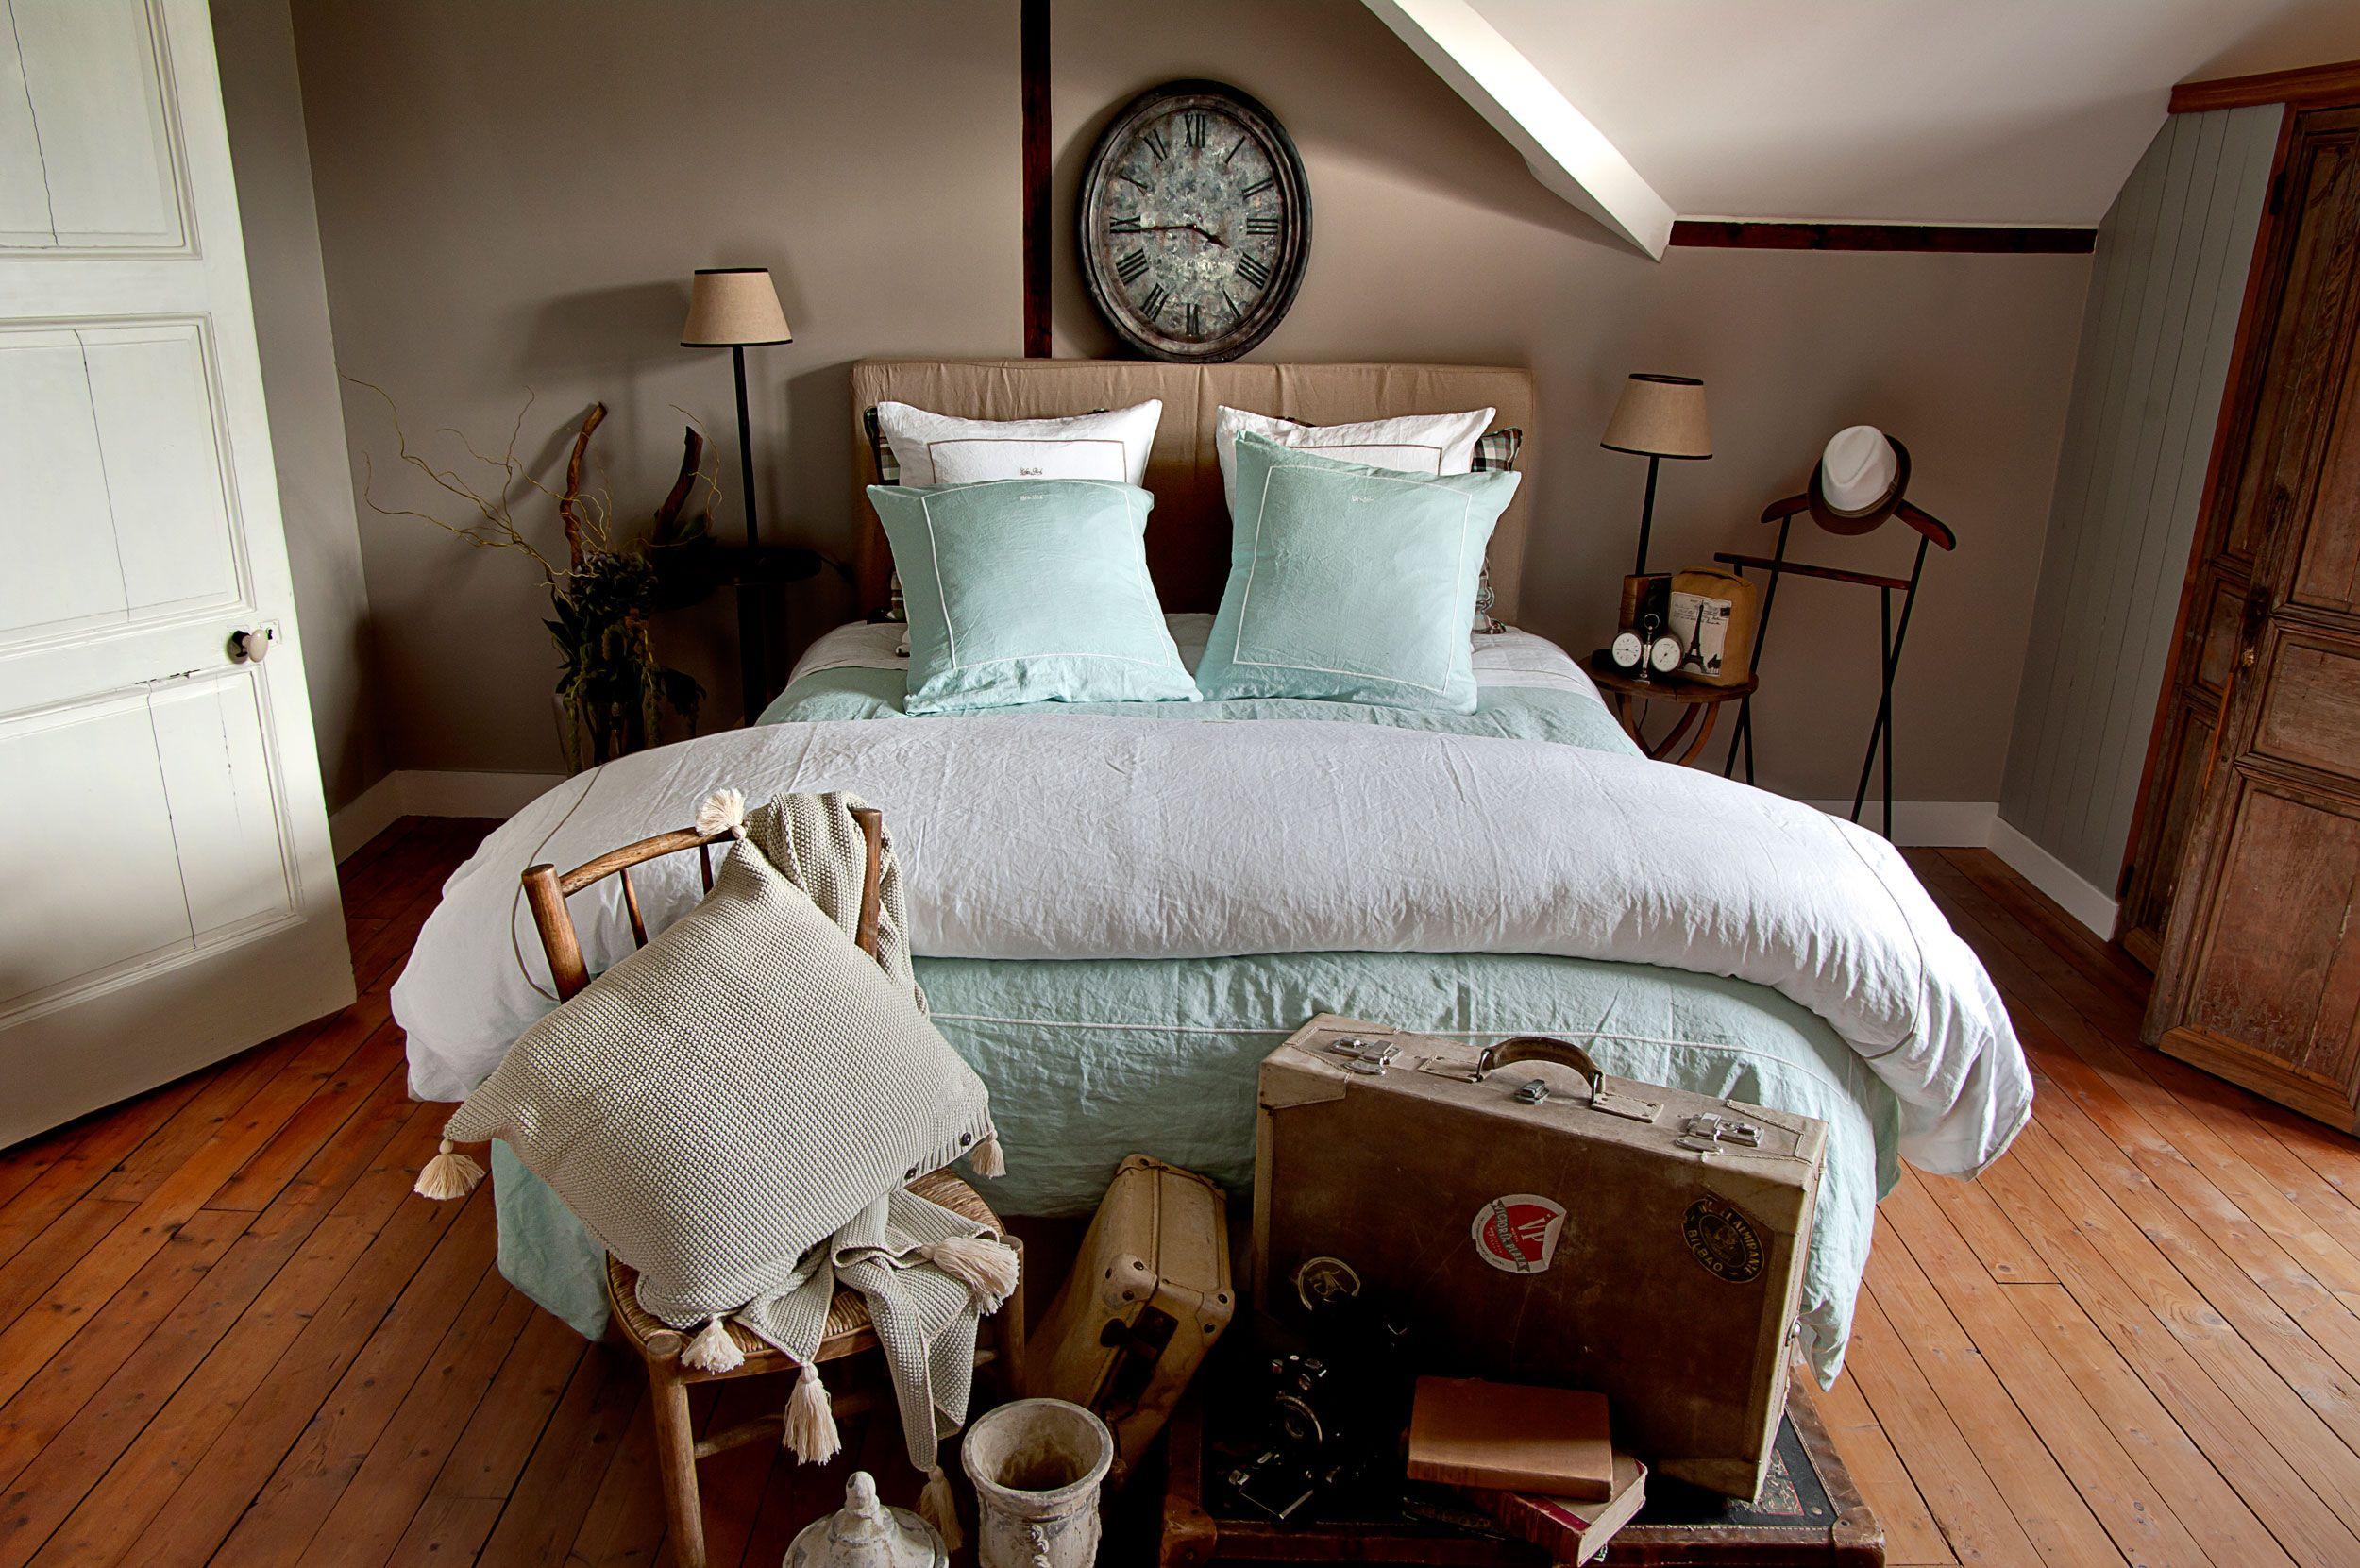 linge de lit eden park Linge de Maison, parure de lit   Eden park | Linge de maison  linge de lit eden park